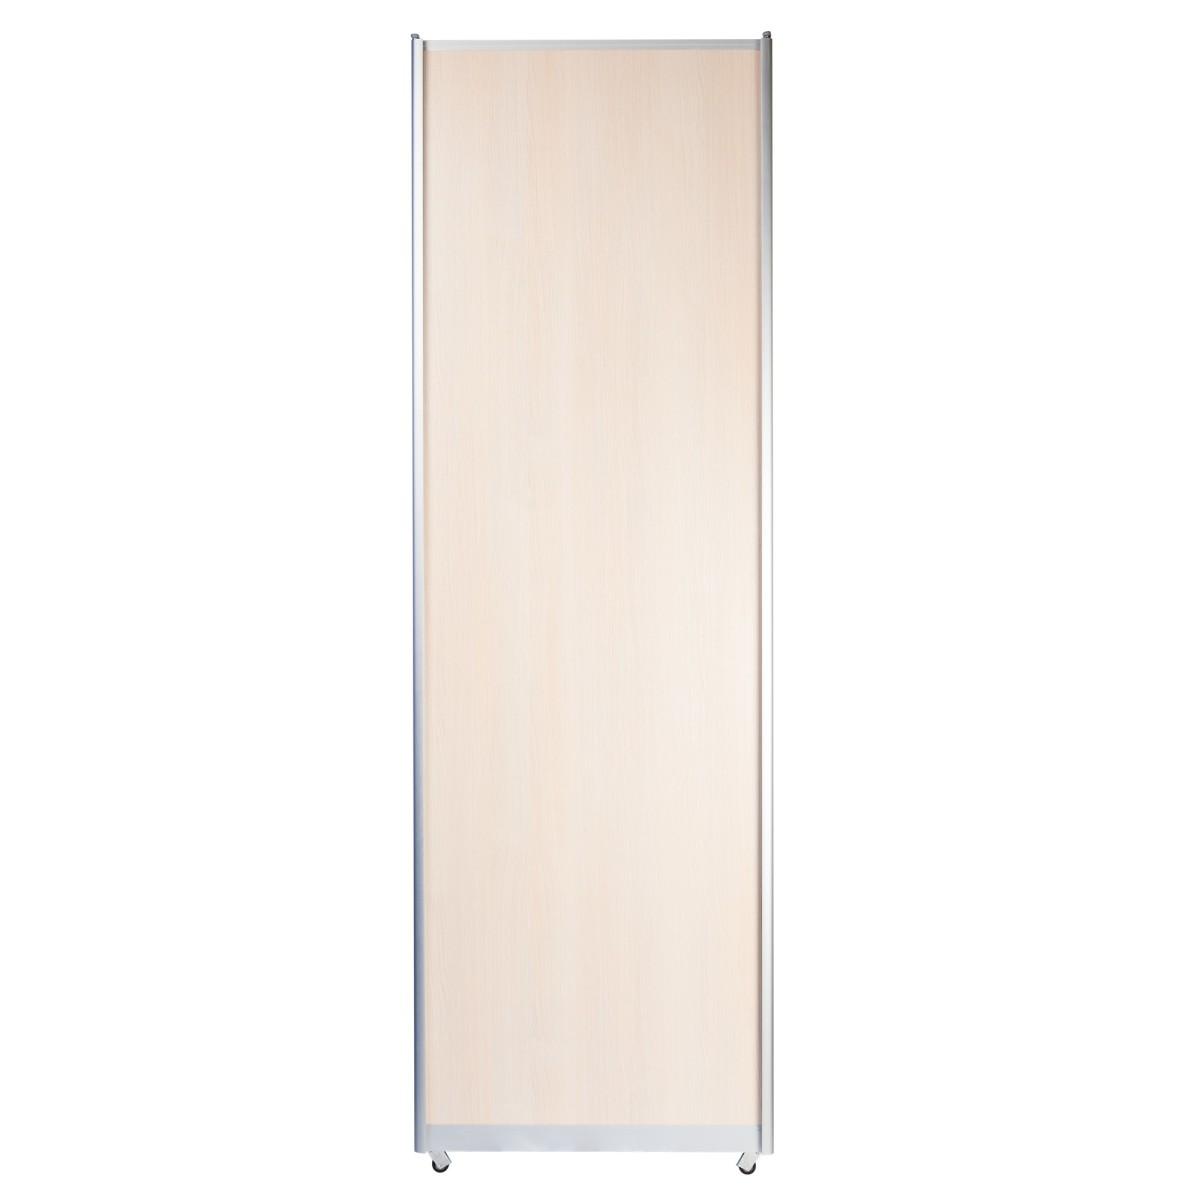 Дверь-купе 2117х704 мм цвет дуб беленый/алюминий